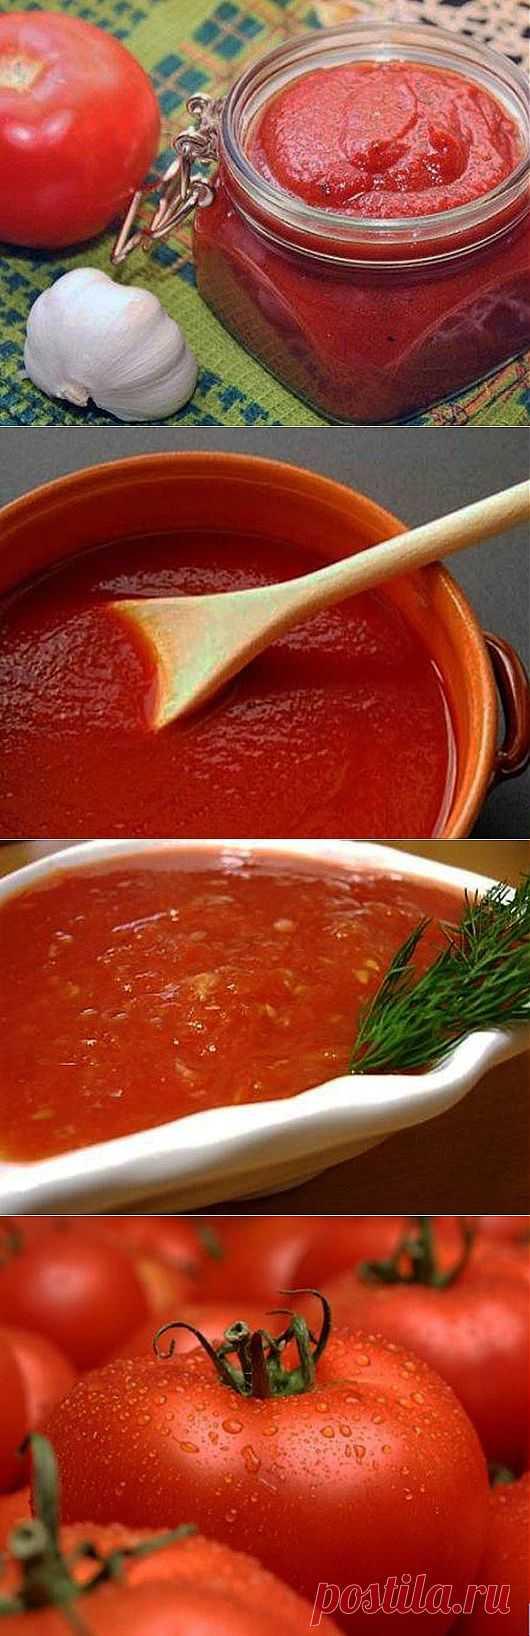 Пикантная домашняя томатная паста | One of Lady - Журнал для женщин